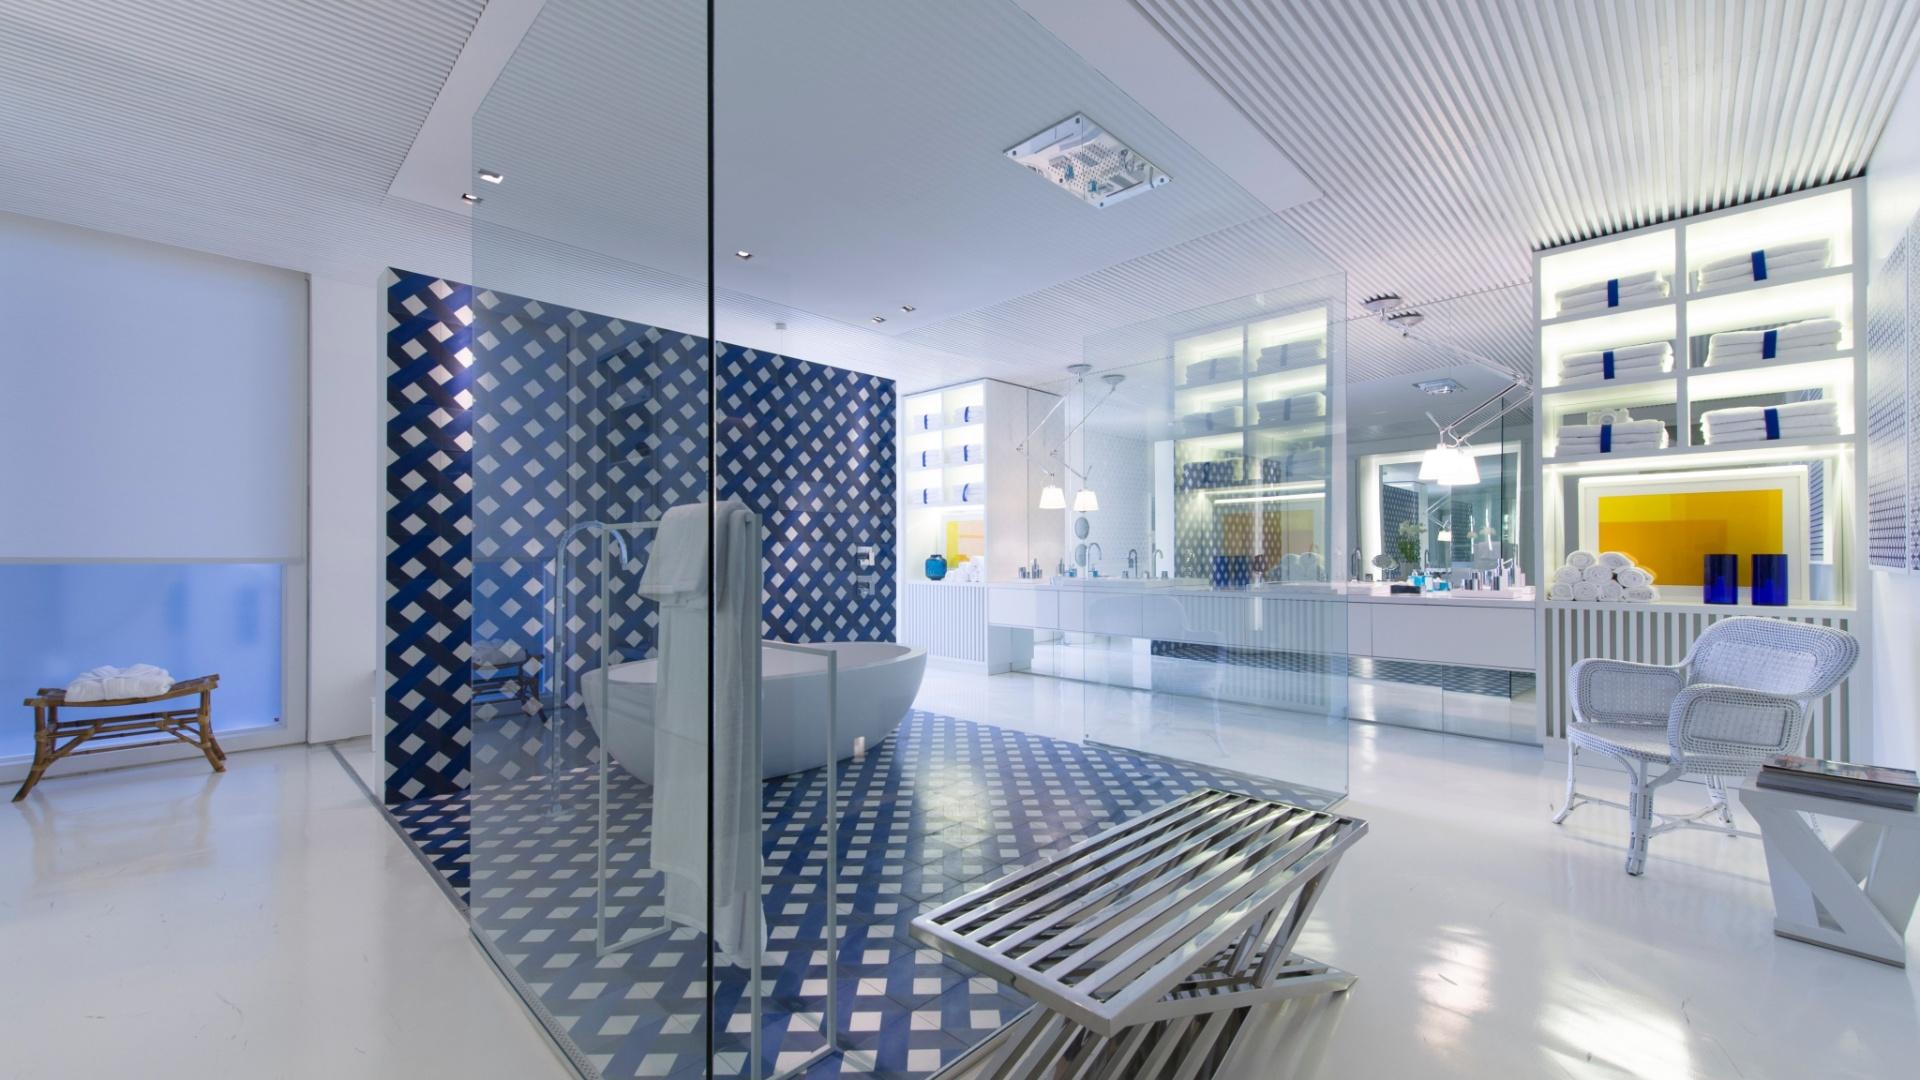 No amplo banheiro da Casa de Praia, Roberto Migotto centralizou a área de banho, delimitando-a através do piso e parede de revestimento em forma geométrica, dentro de uma